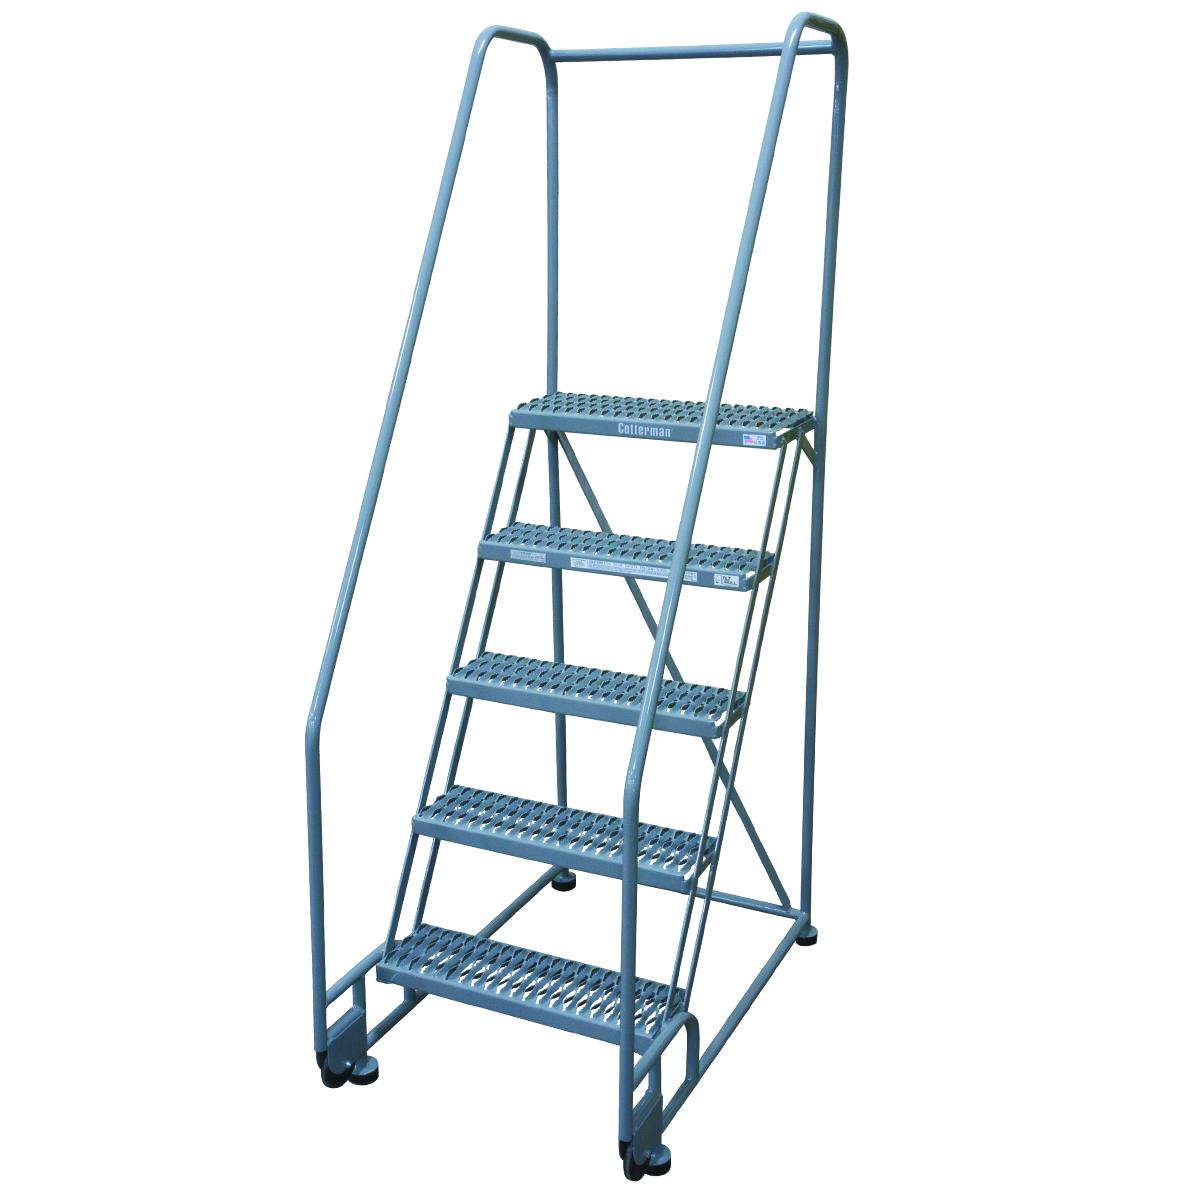 Tiltnroll Ladder